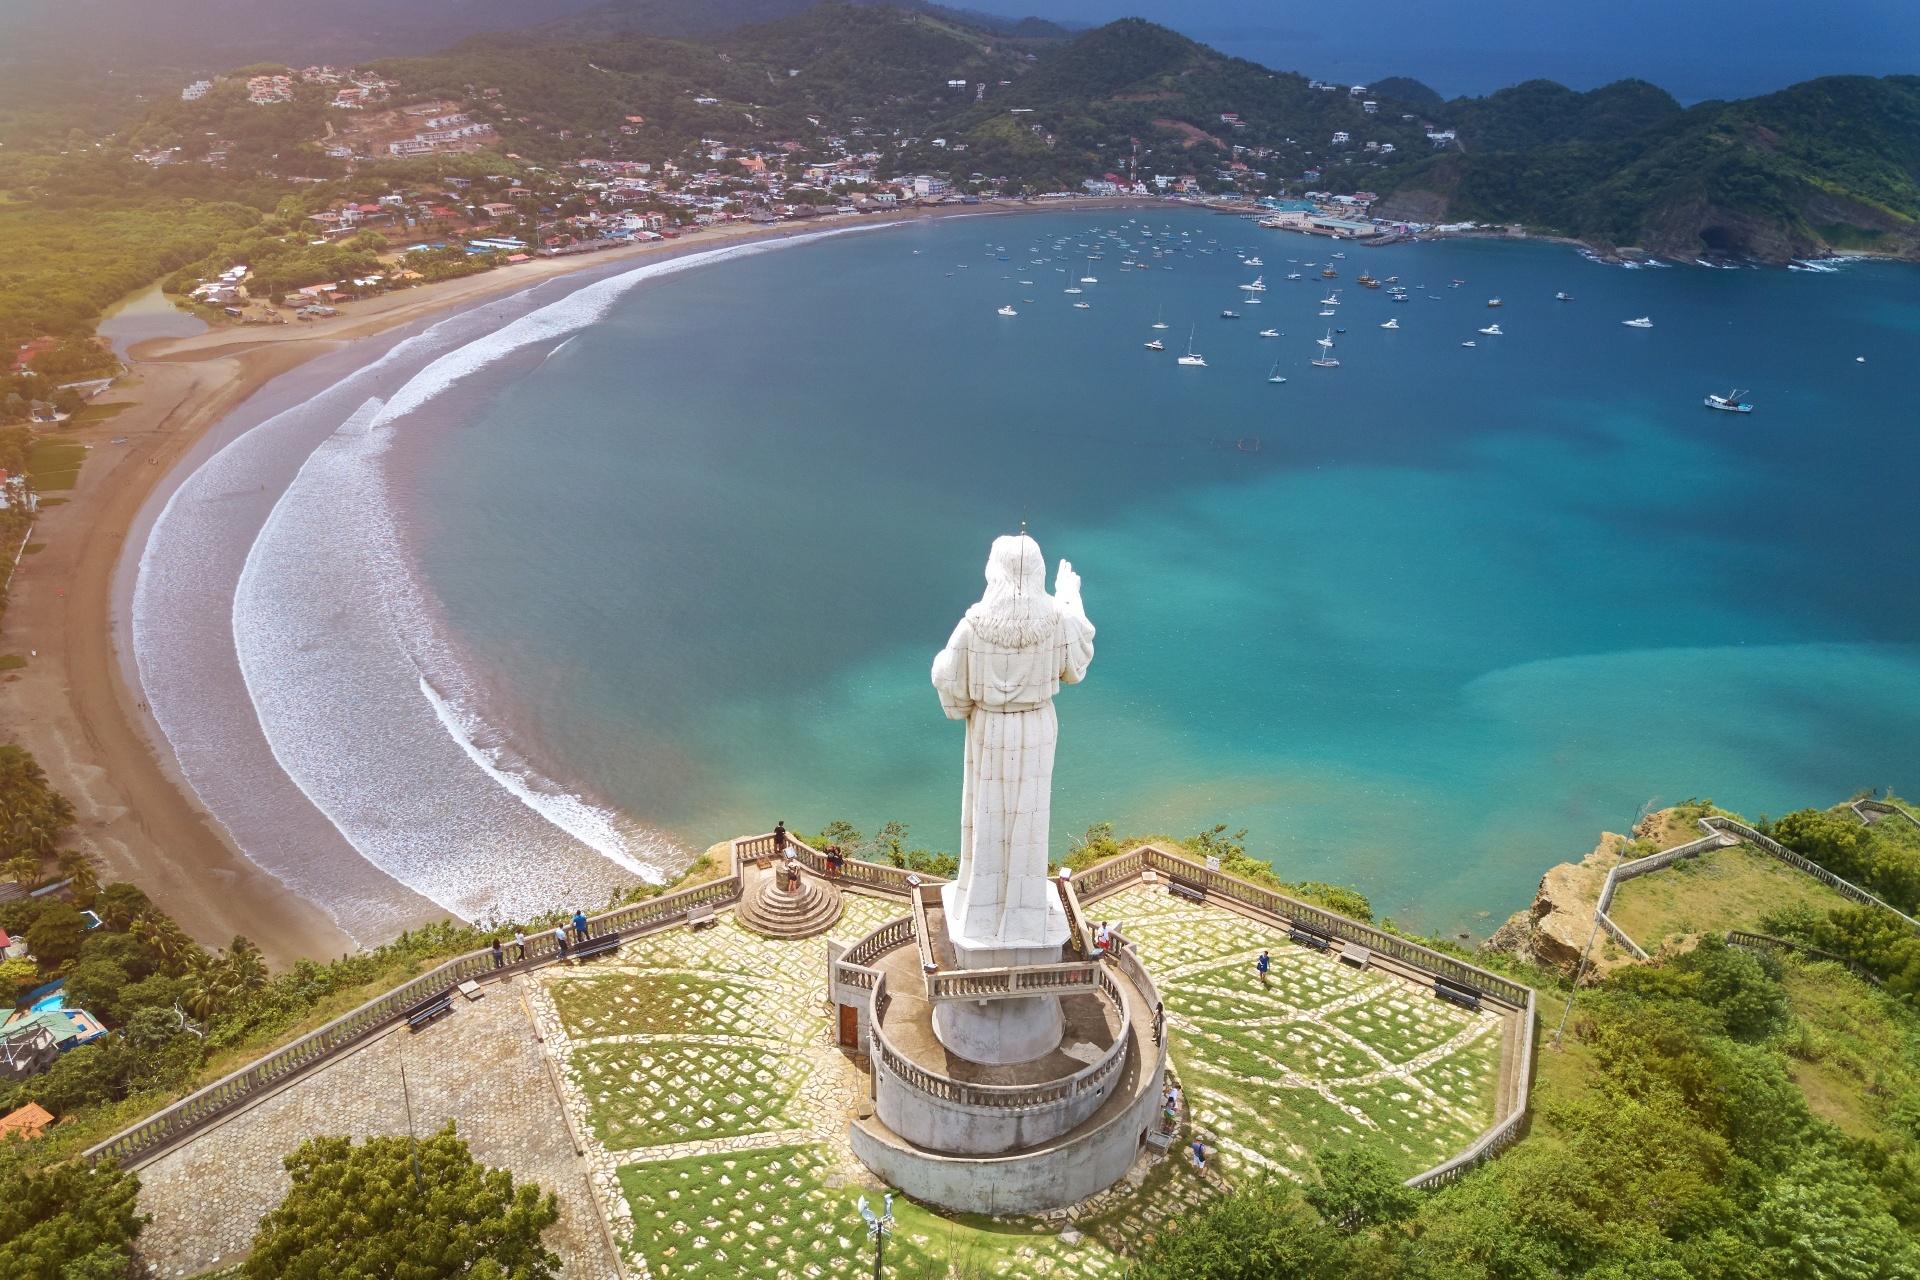 サン・フアン・デル・スルの風景 ニカラグアの風景